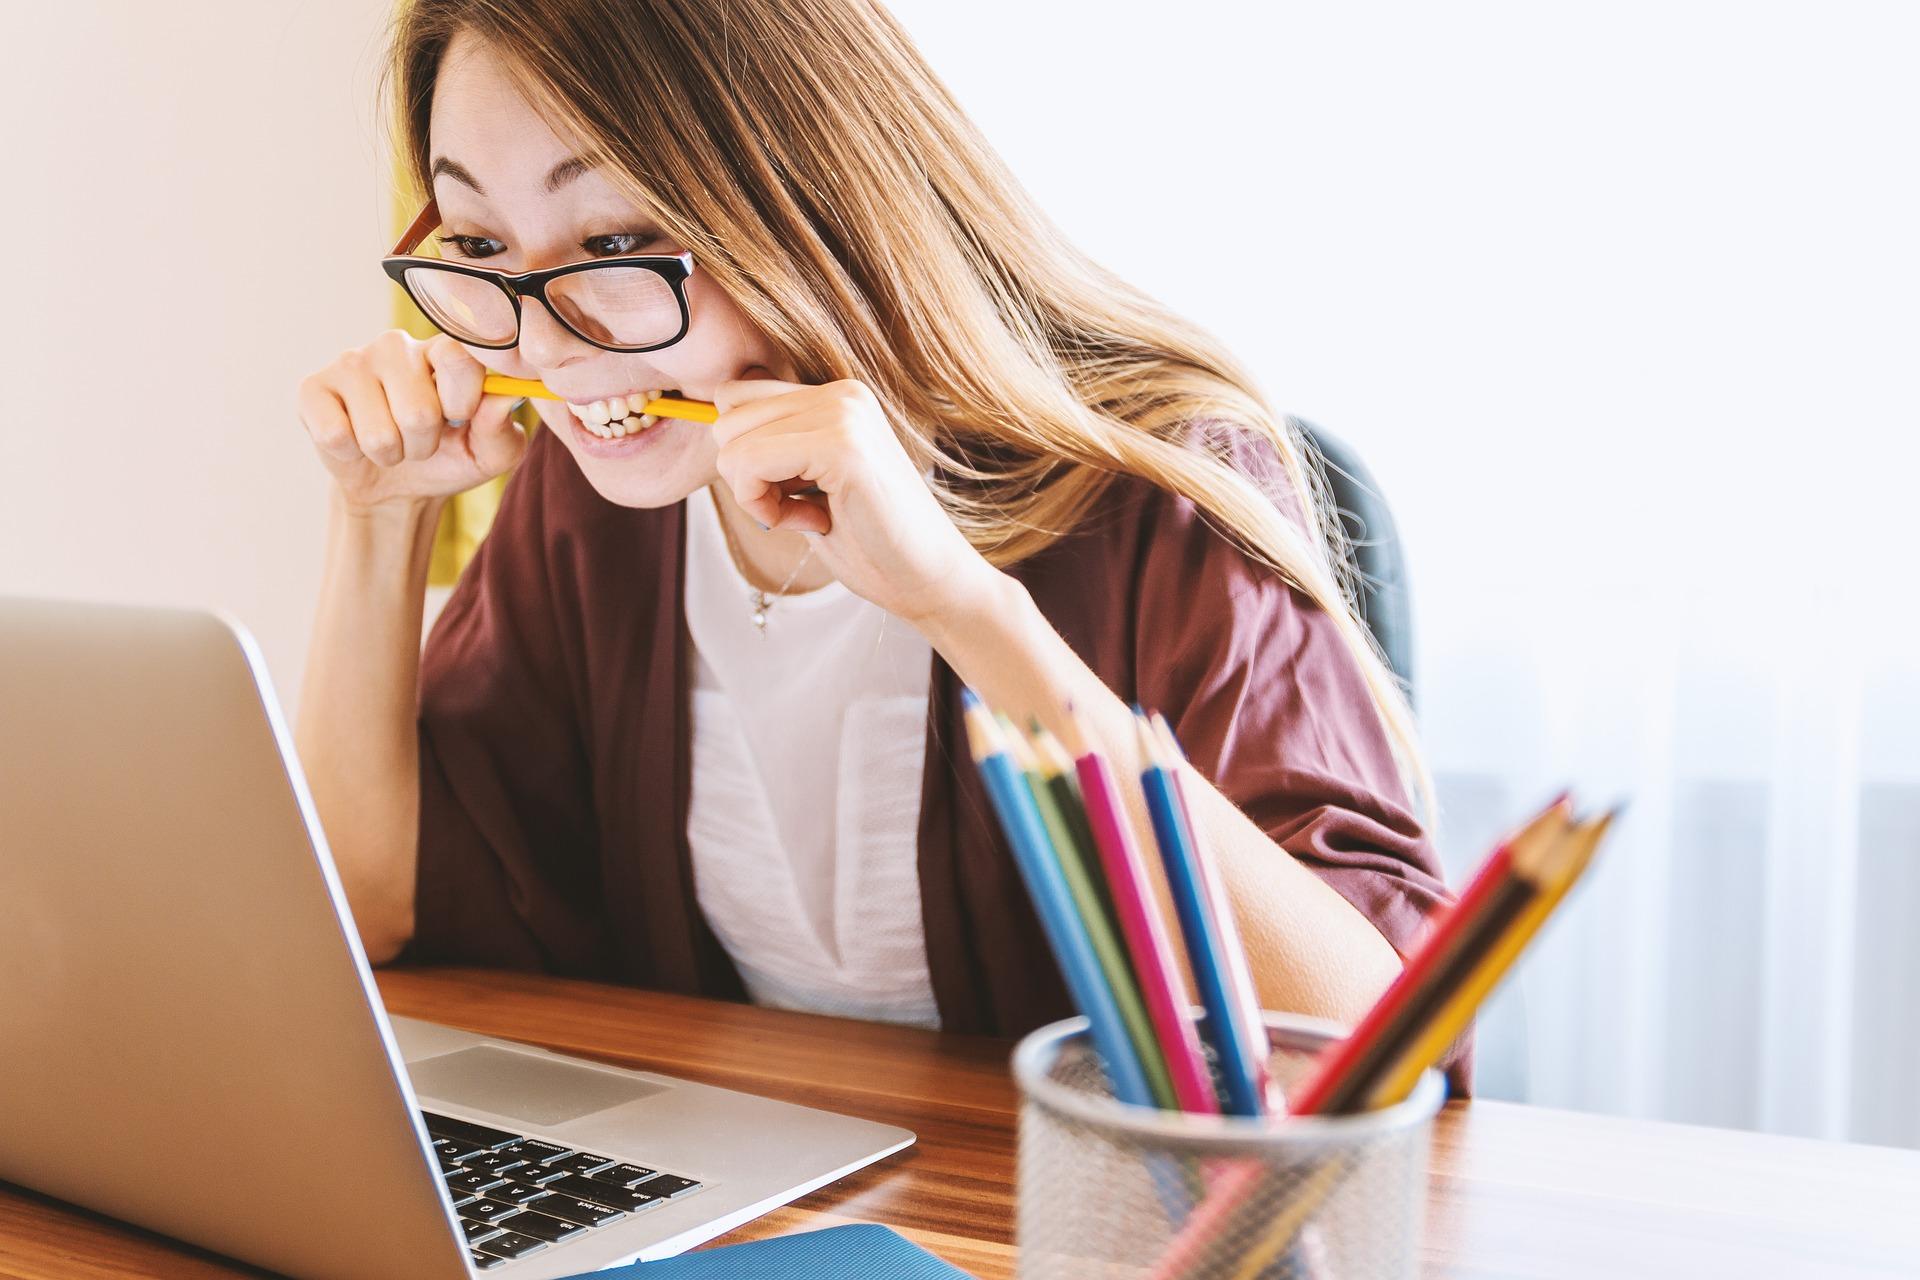 到了美國名校念大學,其實只是另一階段的開始,更多挑戰與困難,正等著這群十七、八歲的孩子們。(Pixabay)